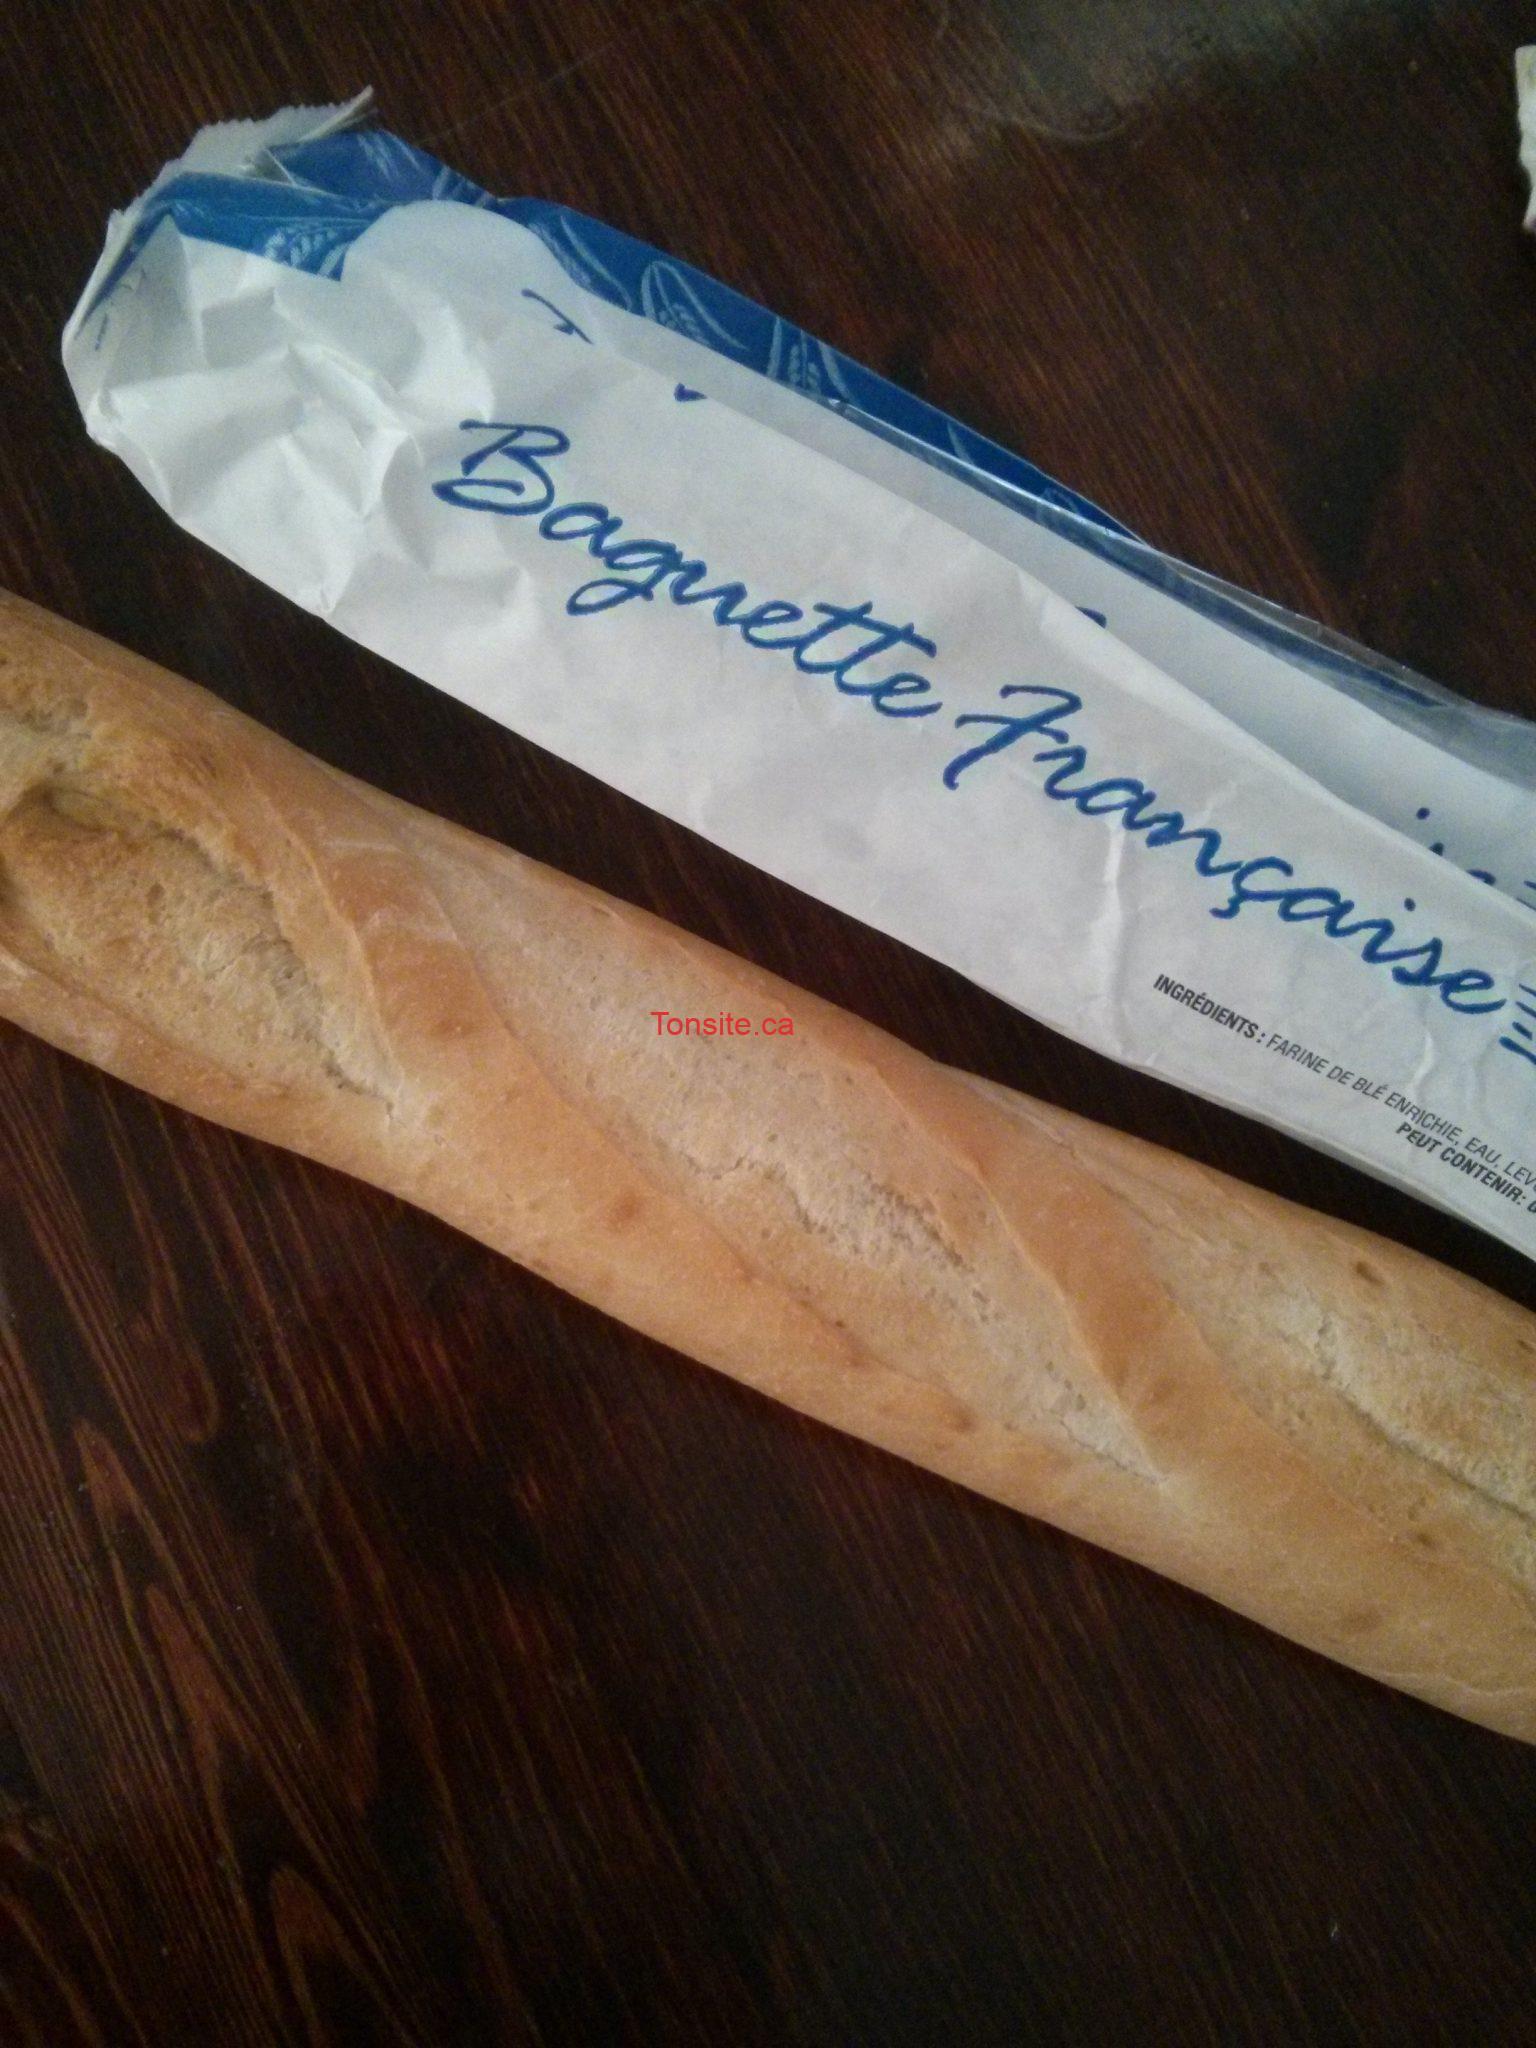 Baguette française (blanc ou blé entier) à 88¢ seulement!